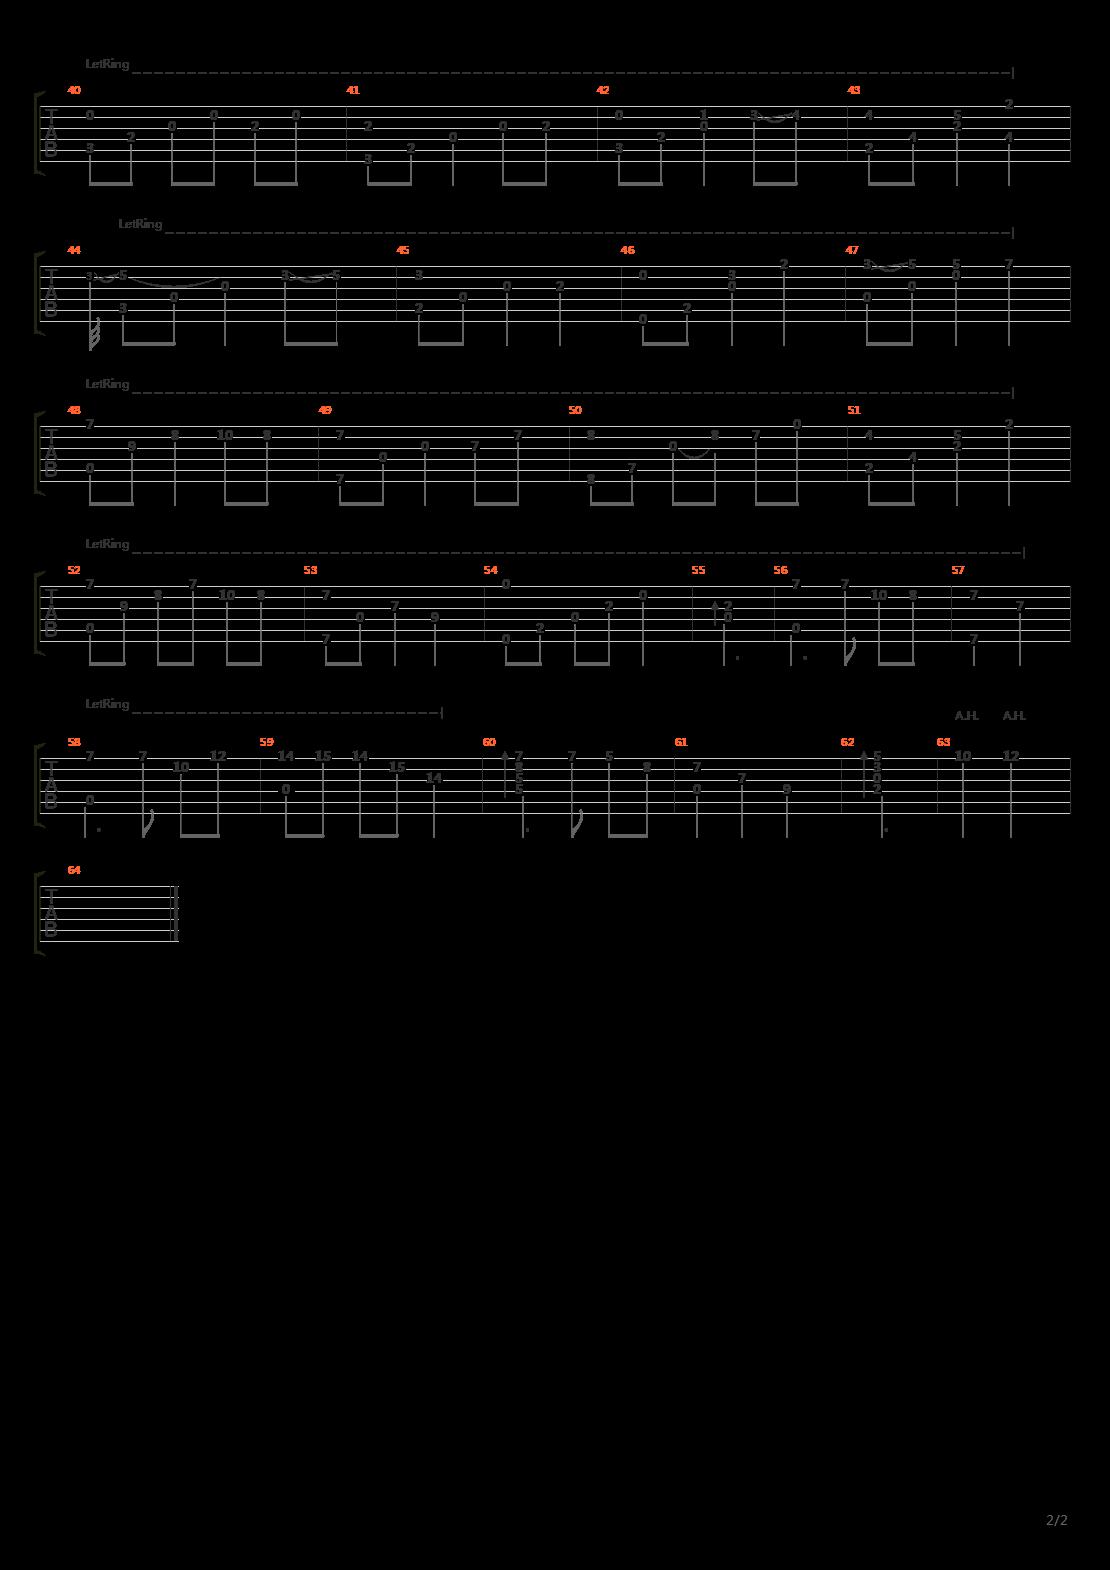 缘之空插曲记忆简谱_缘之空-记忆吉他谱(gtp谱)_三轮学(三輪学 / Manack / Manabu Miwa)